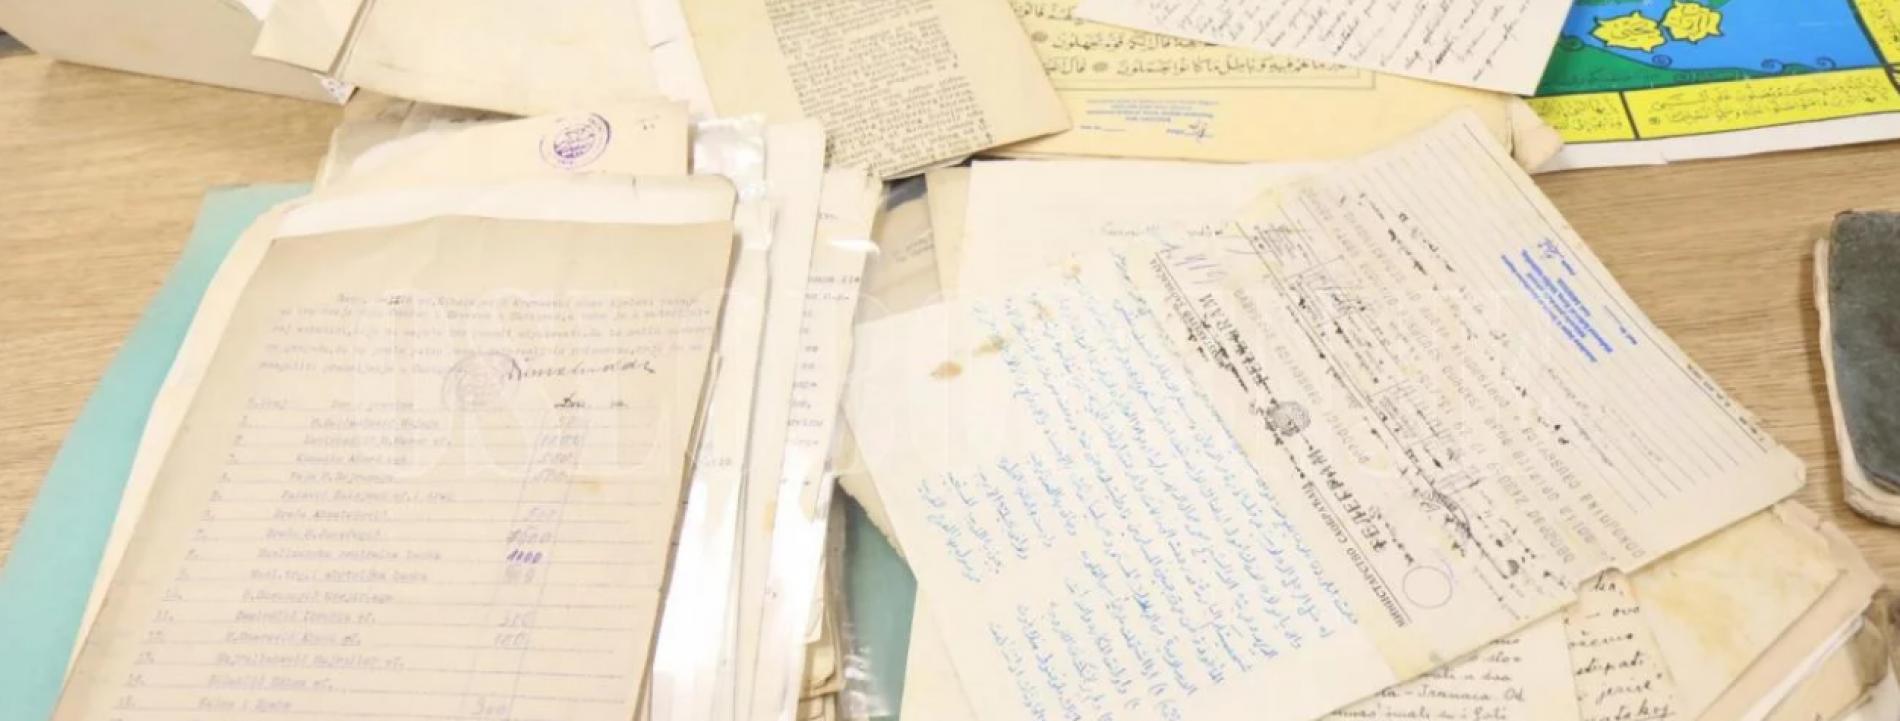 Kako je Dejan došao do arhive reisa Čauševića?